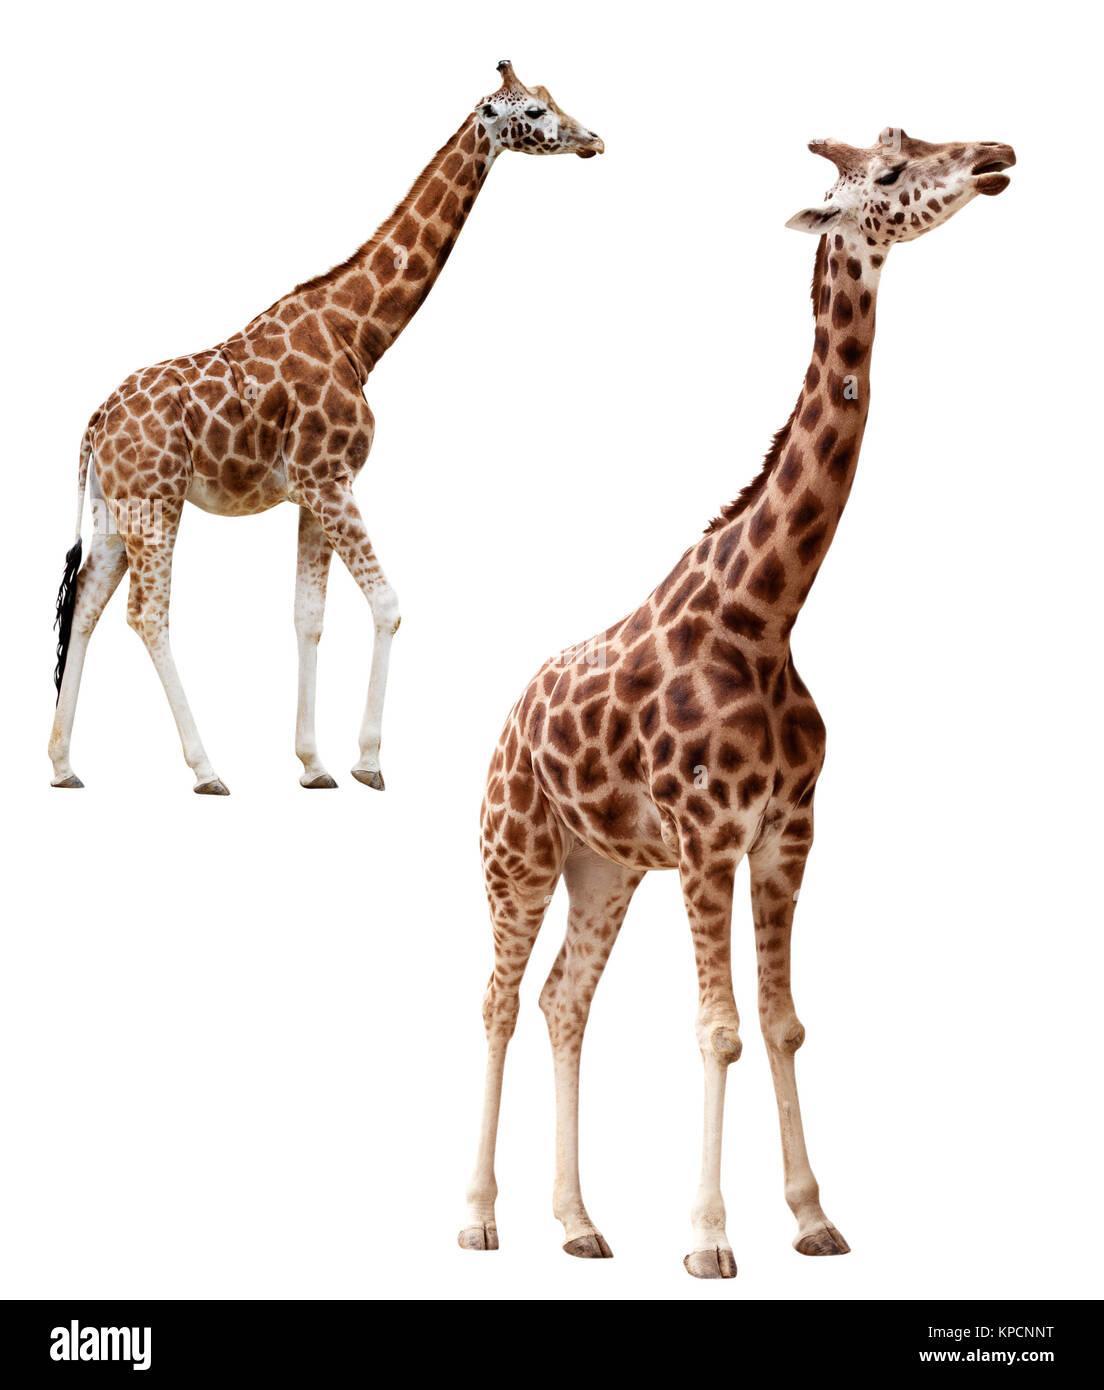 Deux girafes dans différentes positions isolées avec clipping path Banque D'Images